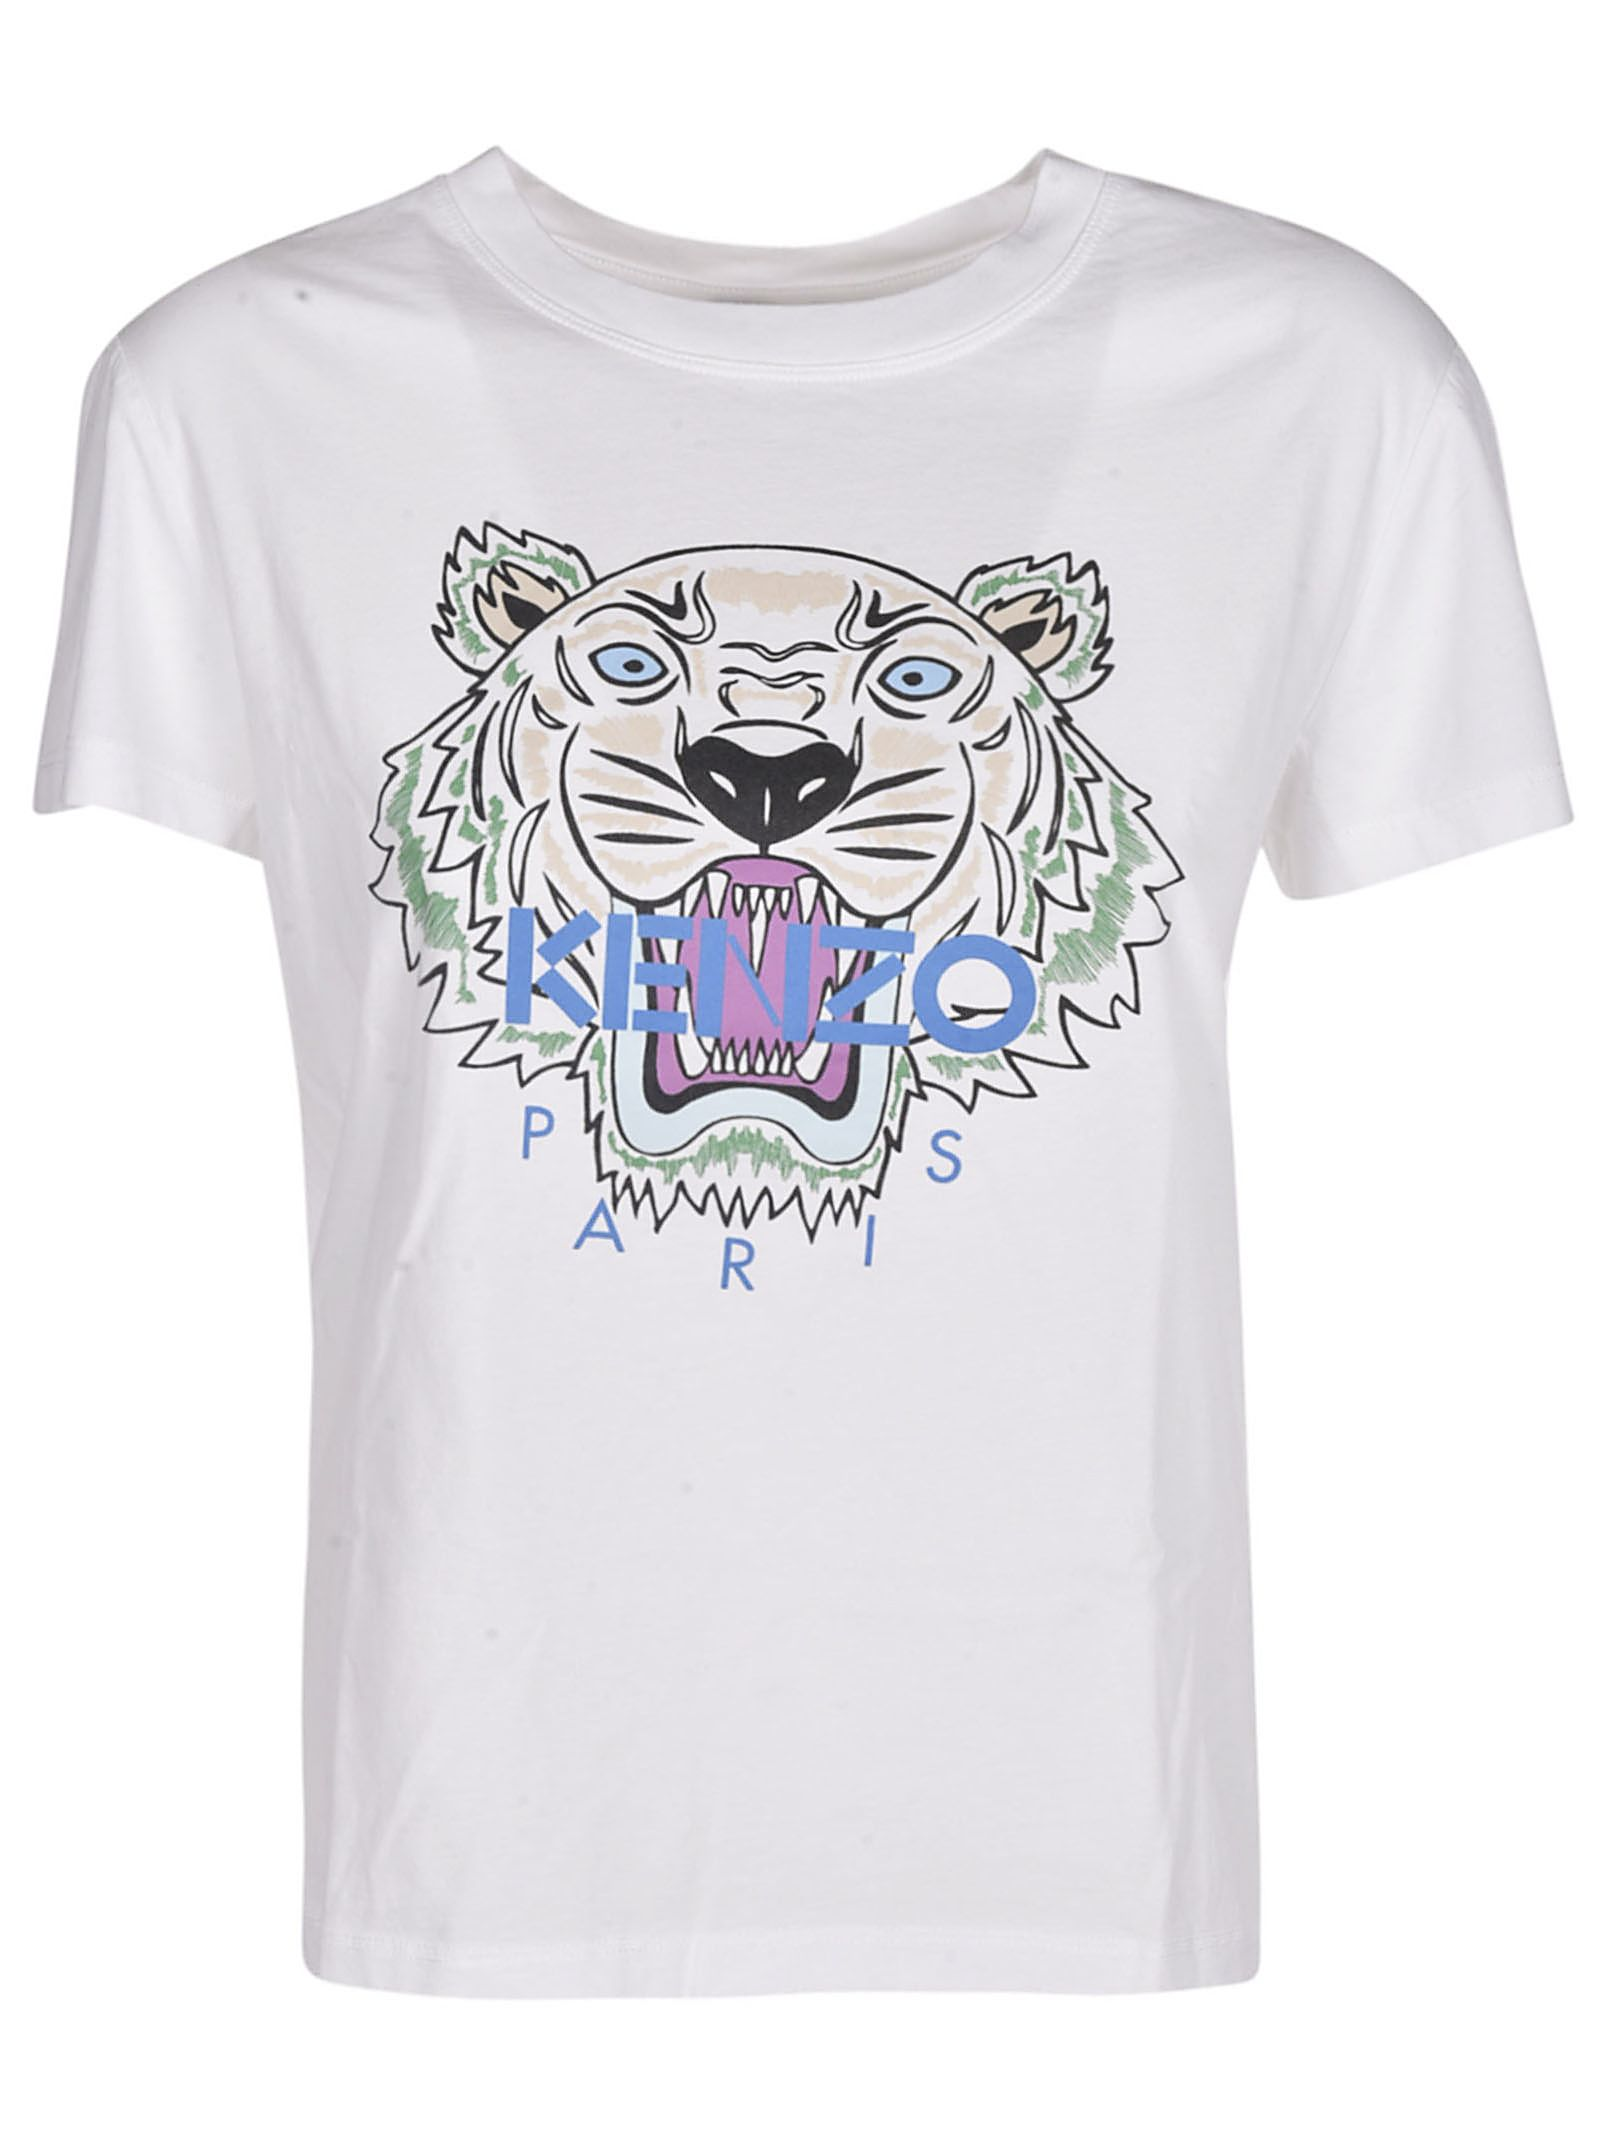 db4db5cf Kenzo Kenzo Tiger T-shirt - White - 10817684 | italist